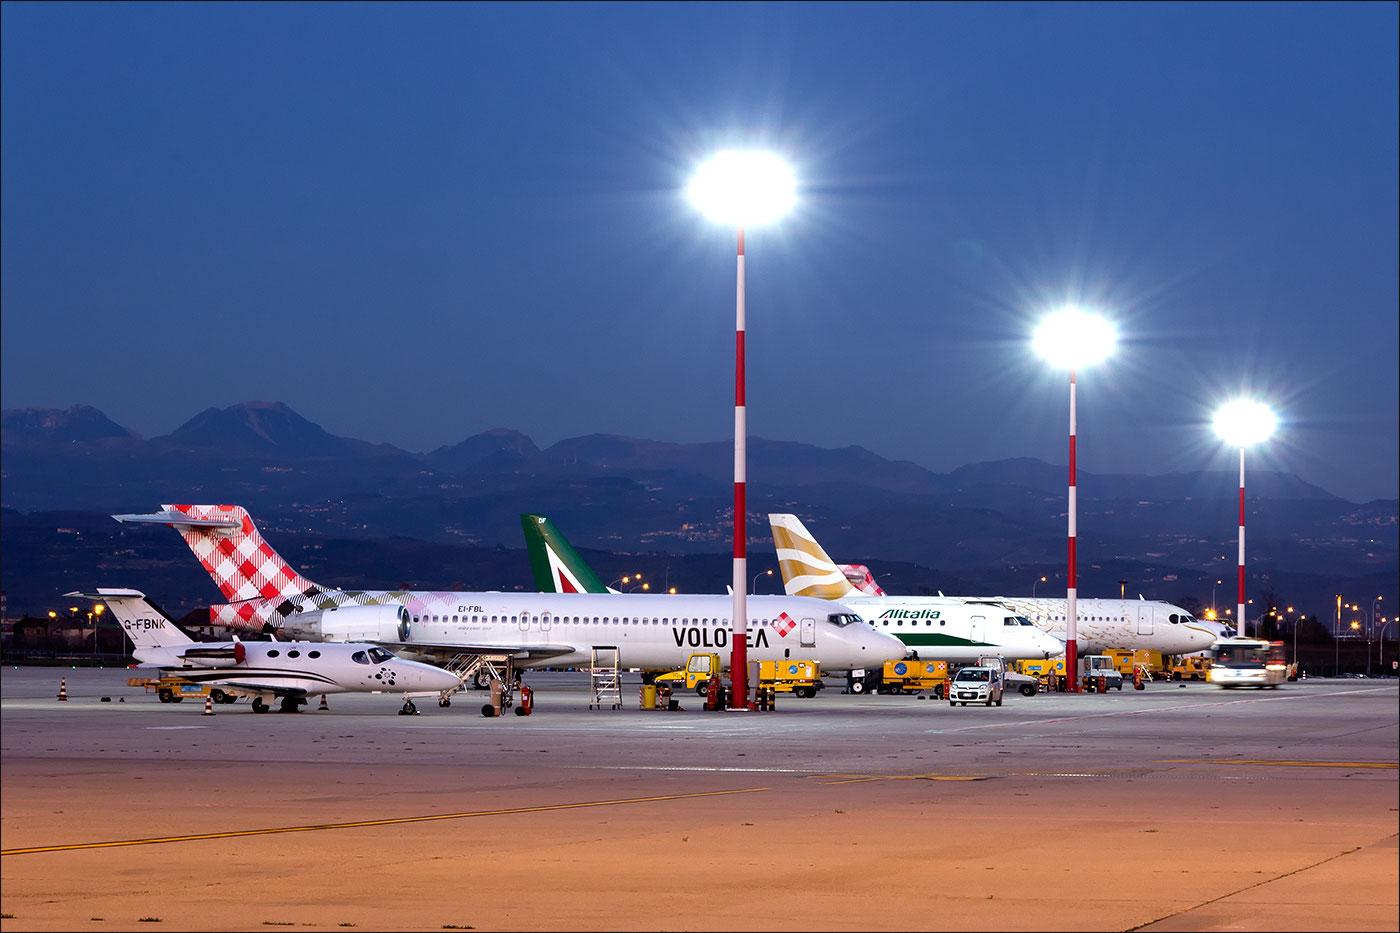 Aeroporto di Verona: i dati di traffico di luglio 2019 ...